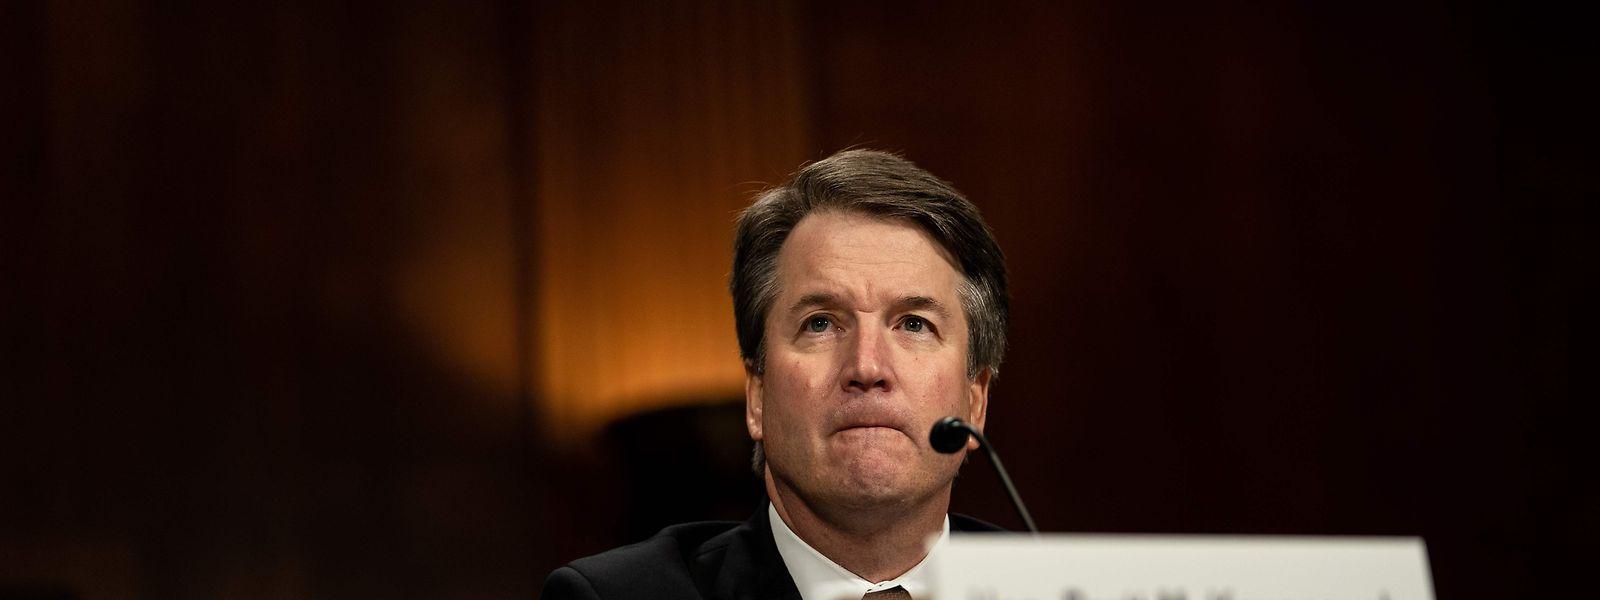 Der umstrittene rechtskonservative Richter Brett Kavanaugh könnte bald Teil des mächtigen Supreme Court sein.